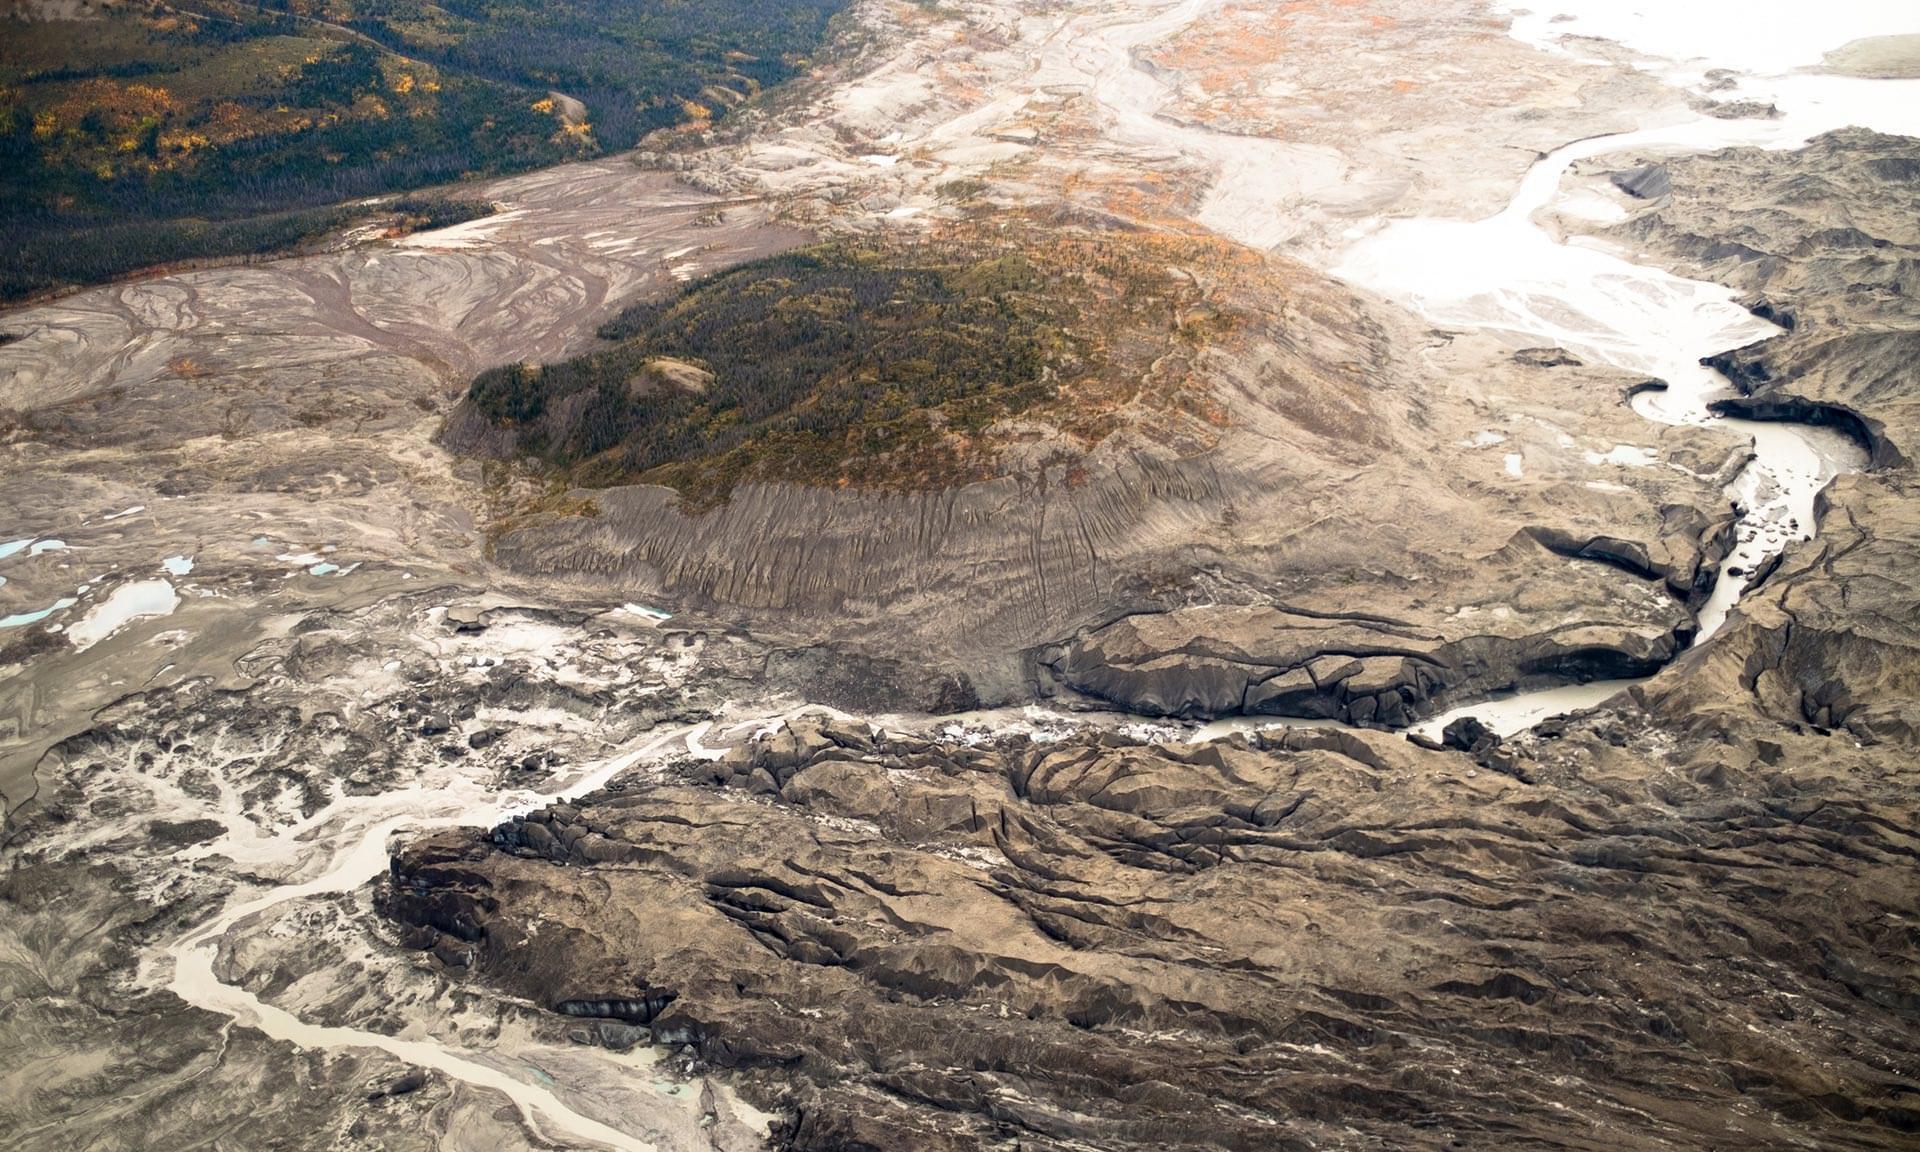 惊悚:气候变化导致加拿大一条大河瞬间消失